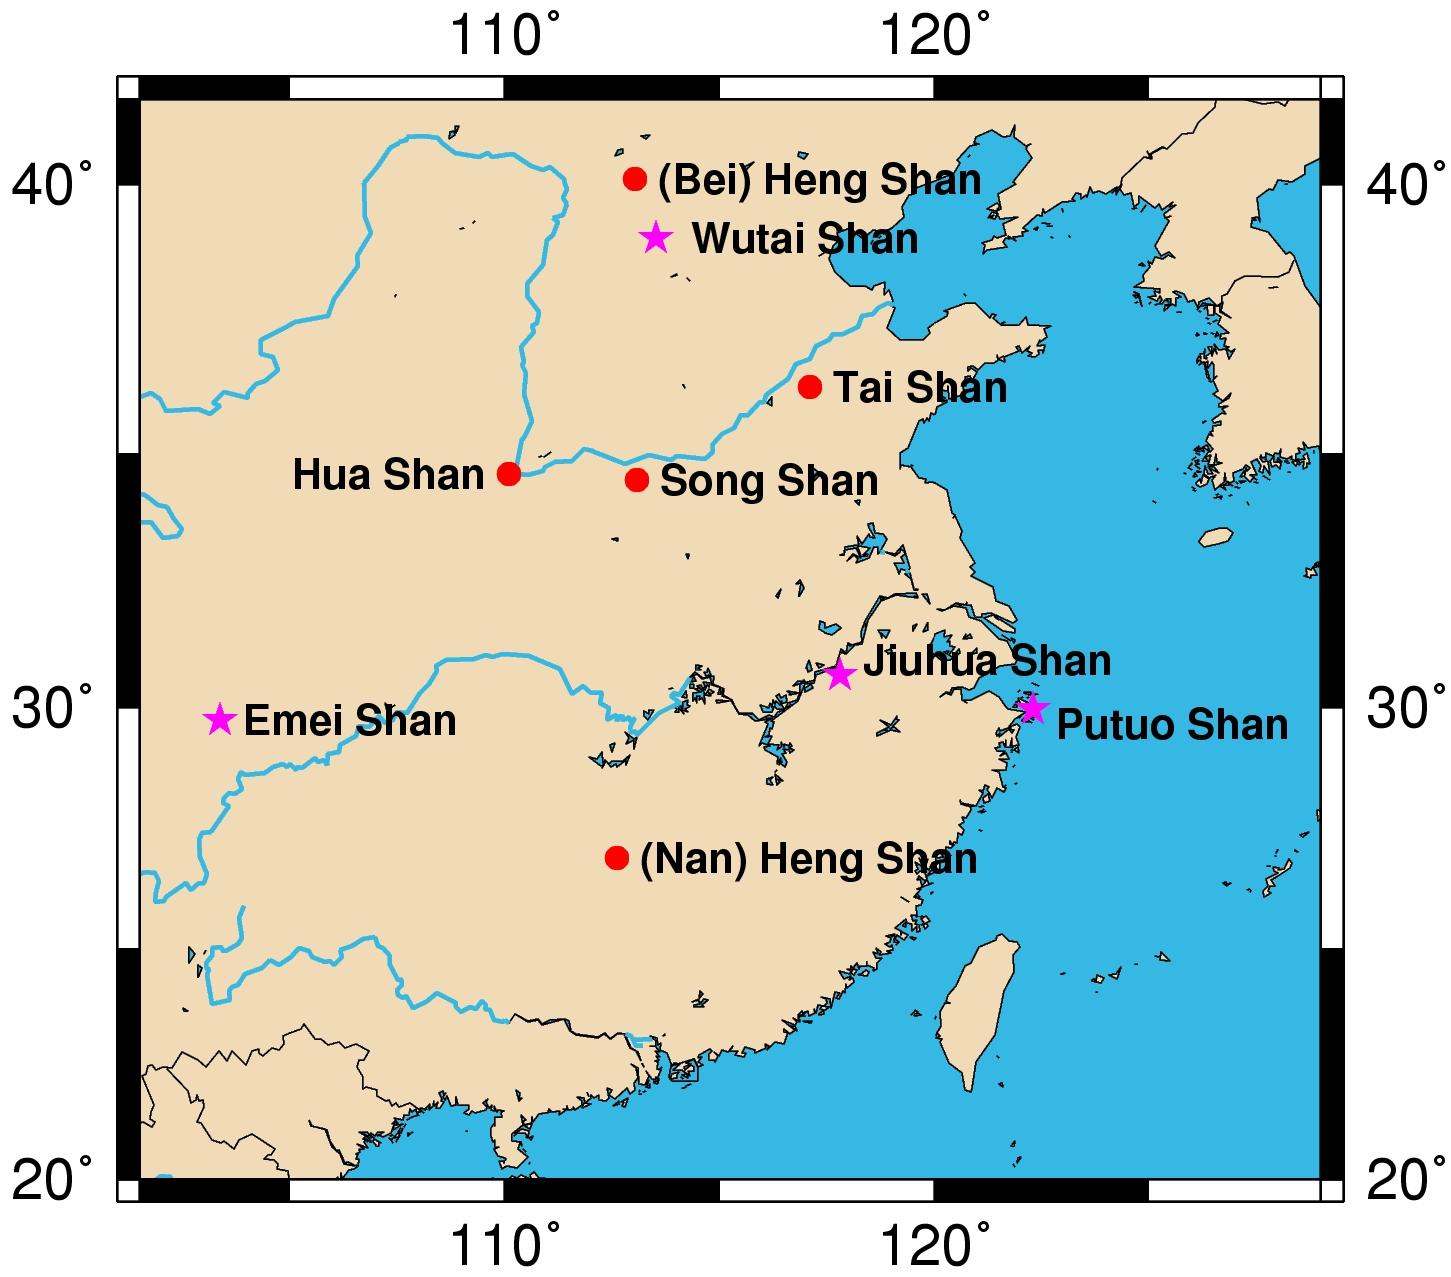 Les 5 montagnes du taoïsme chinois